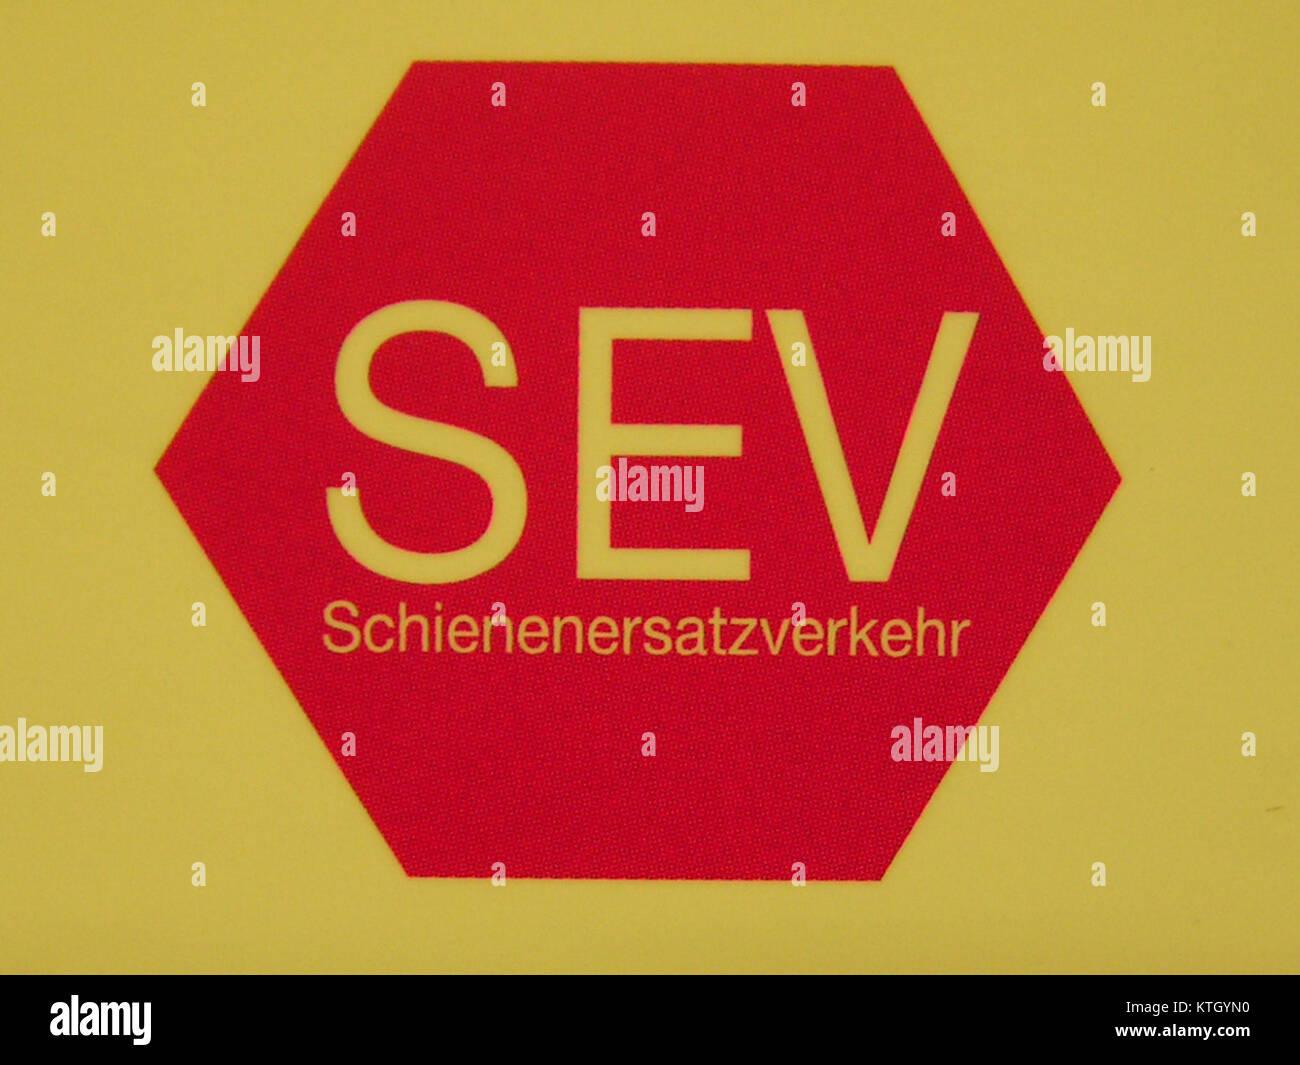 DB Schienenersatzverkehr rot Stock Photo